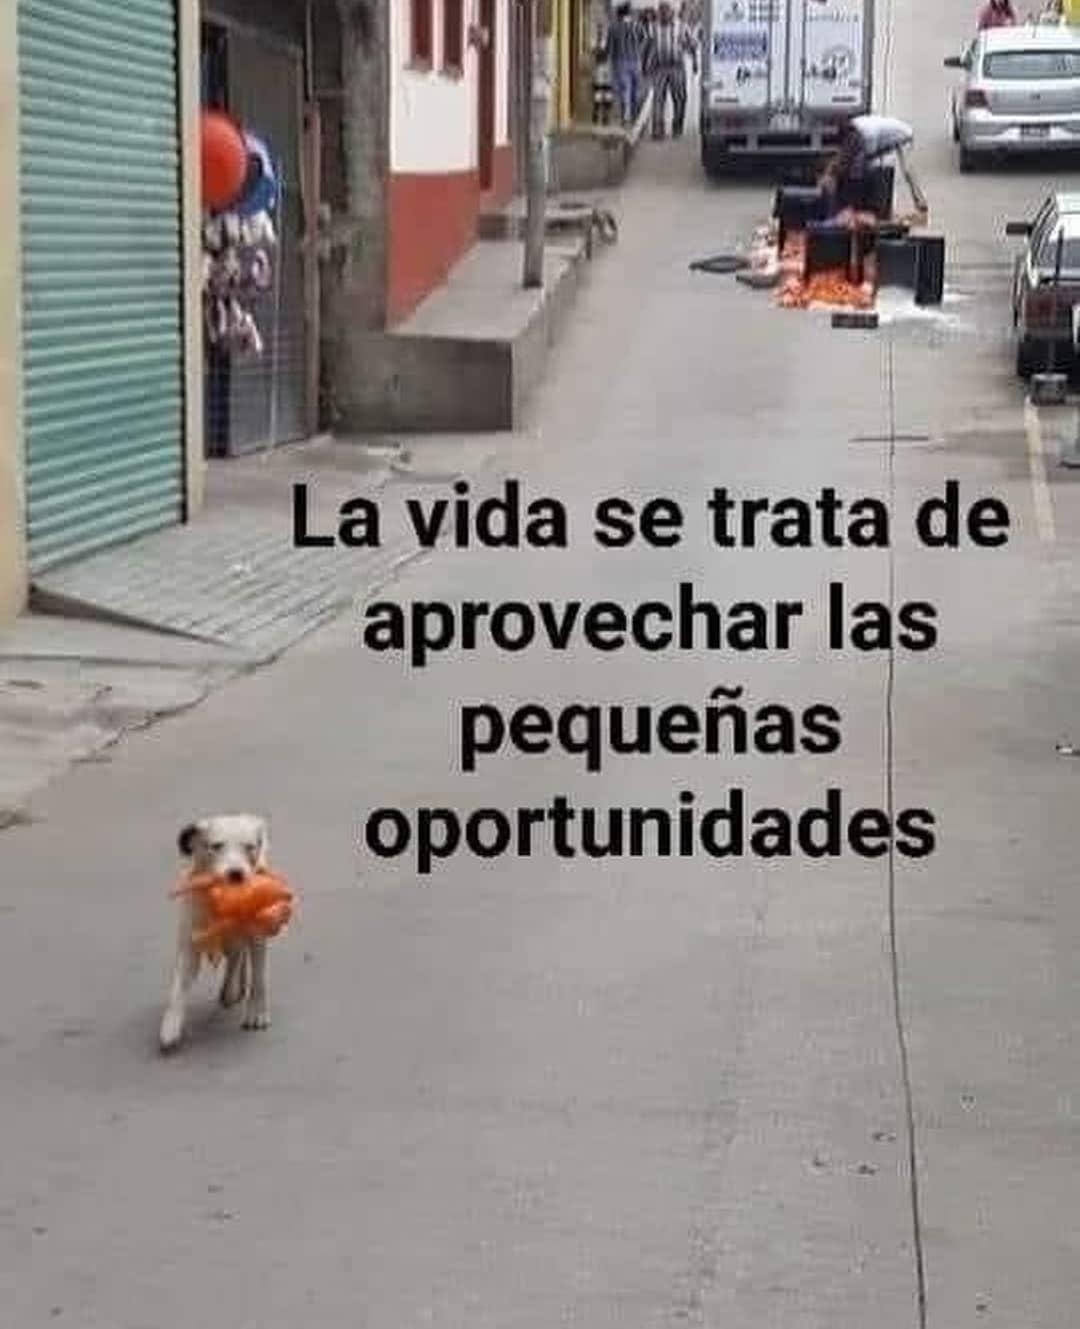 La vida se trata de aprovechar las pequeñas oportunidades.